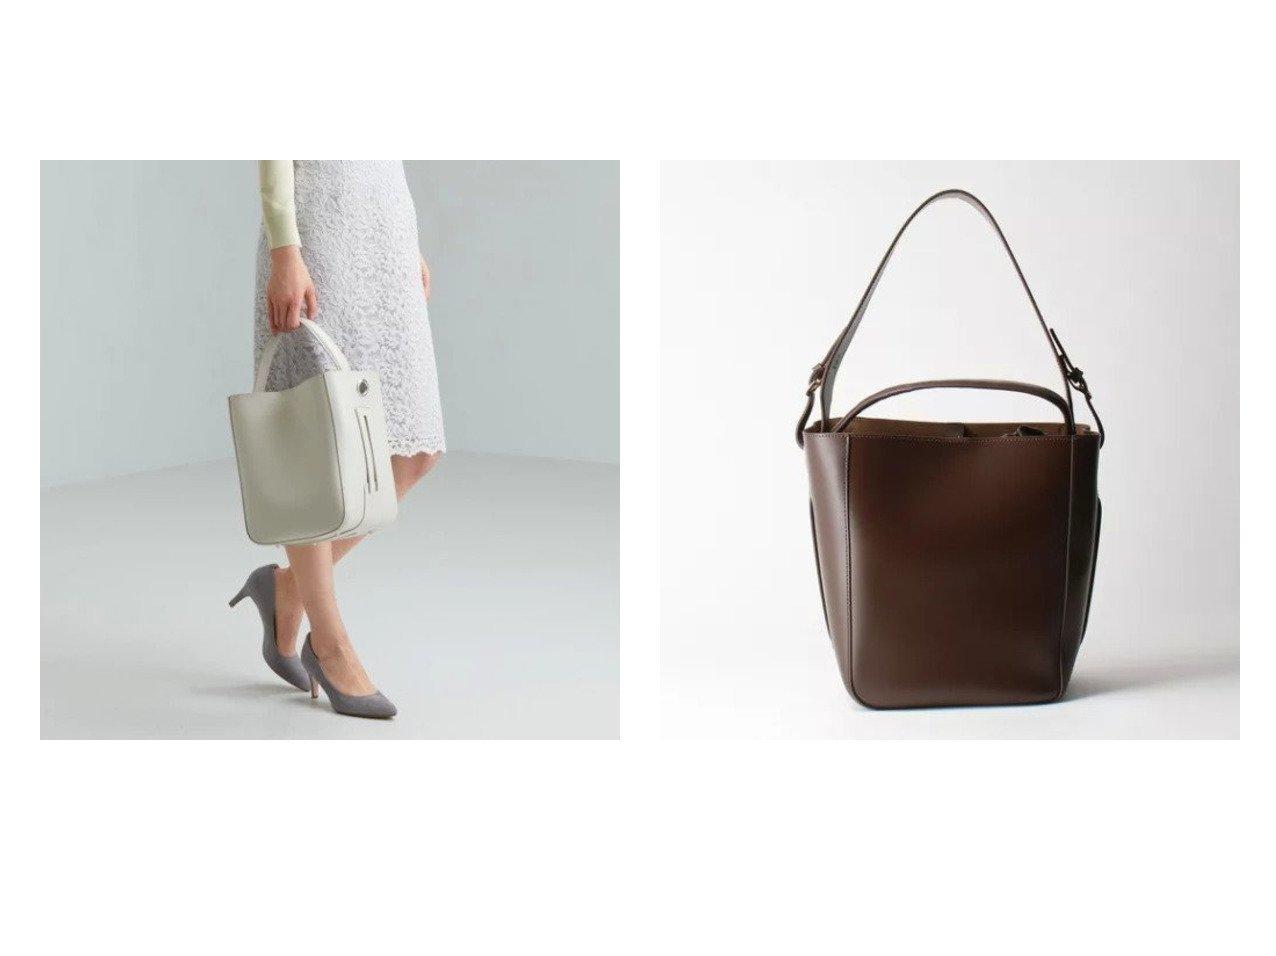 【green label relaxing / UNITED ARROWS/グリーンレーベル リラクシング / ユナイテッドアローズ】のCS 1ハンドル フナガタ 3WAY ショルダー バッグ 【バッグ・鞄】おすすめ!人気、トレンド・レディースファッションの通販  おすすめで人気の流行・トレンド、ファッションの通販商品 メンズファッション・キッズファッション・インテリア・家具・レディースファッション・服の通販 founy(ファニー) https://founy.com/ ファッション Fashion レディースファッション WOMEN バッグ Bag ショルダー シンプル ポケット ポーチ ワイド おすすめ Recommend |ID:crp329100000033320